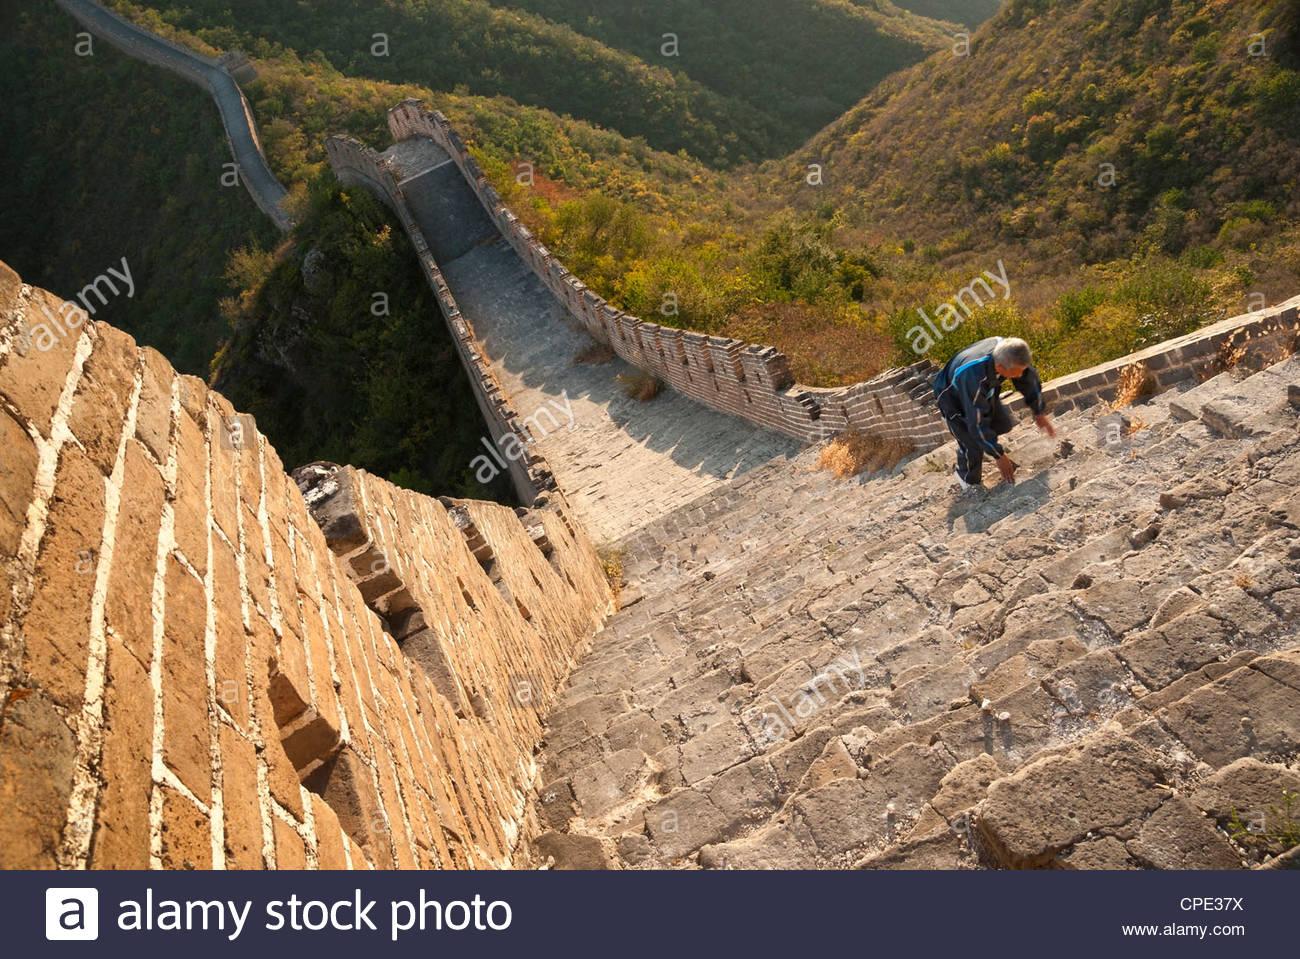 Chinesischer Mann klettert Great Wall Of China, Huanghuacheng (gelbe Blüte) bei Sonnenuntergang im Herbst, Stockbild